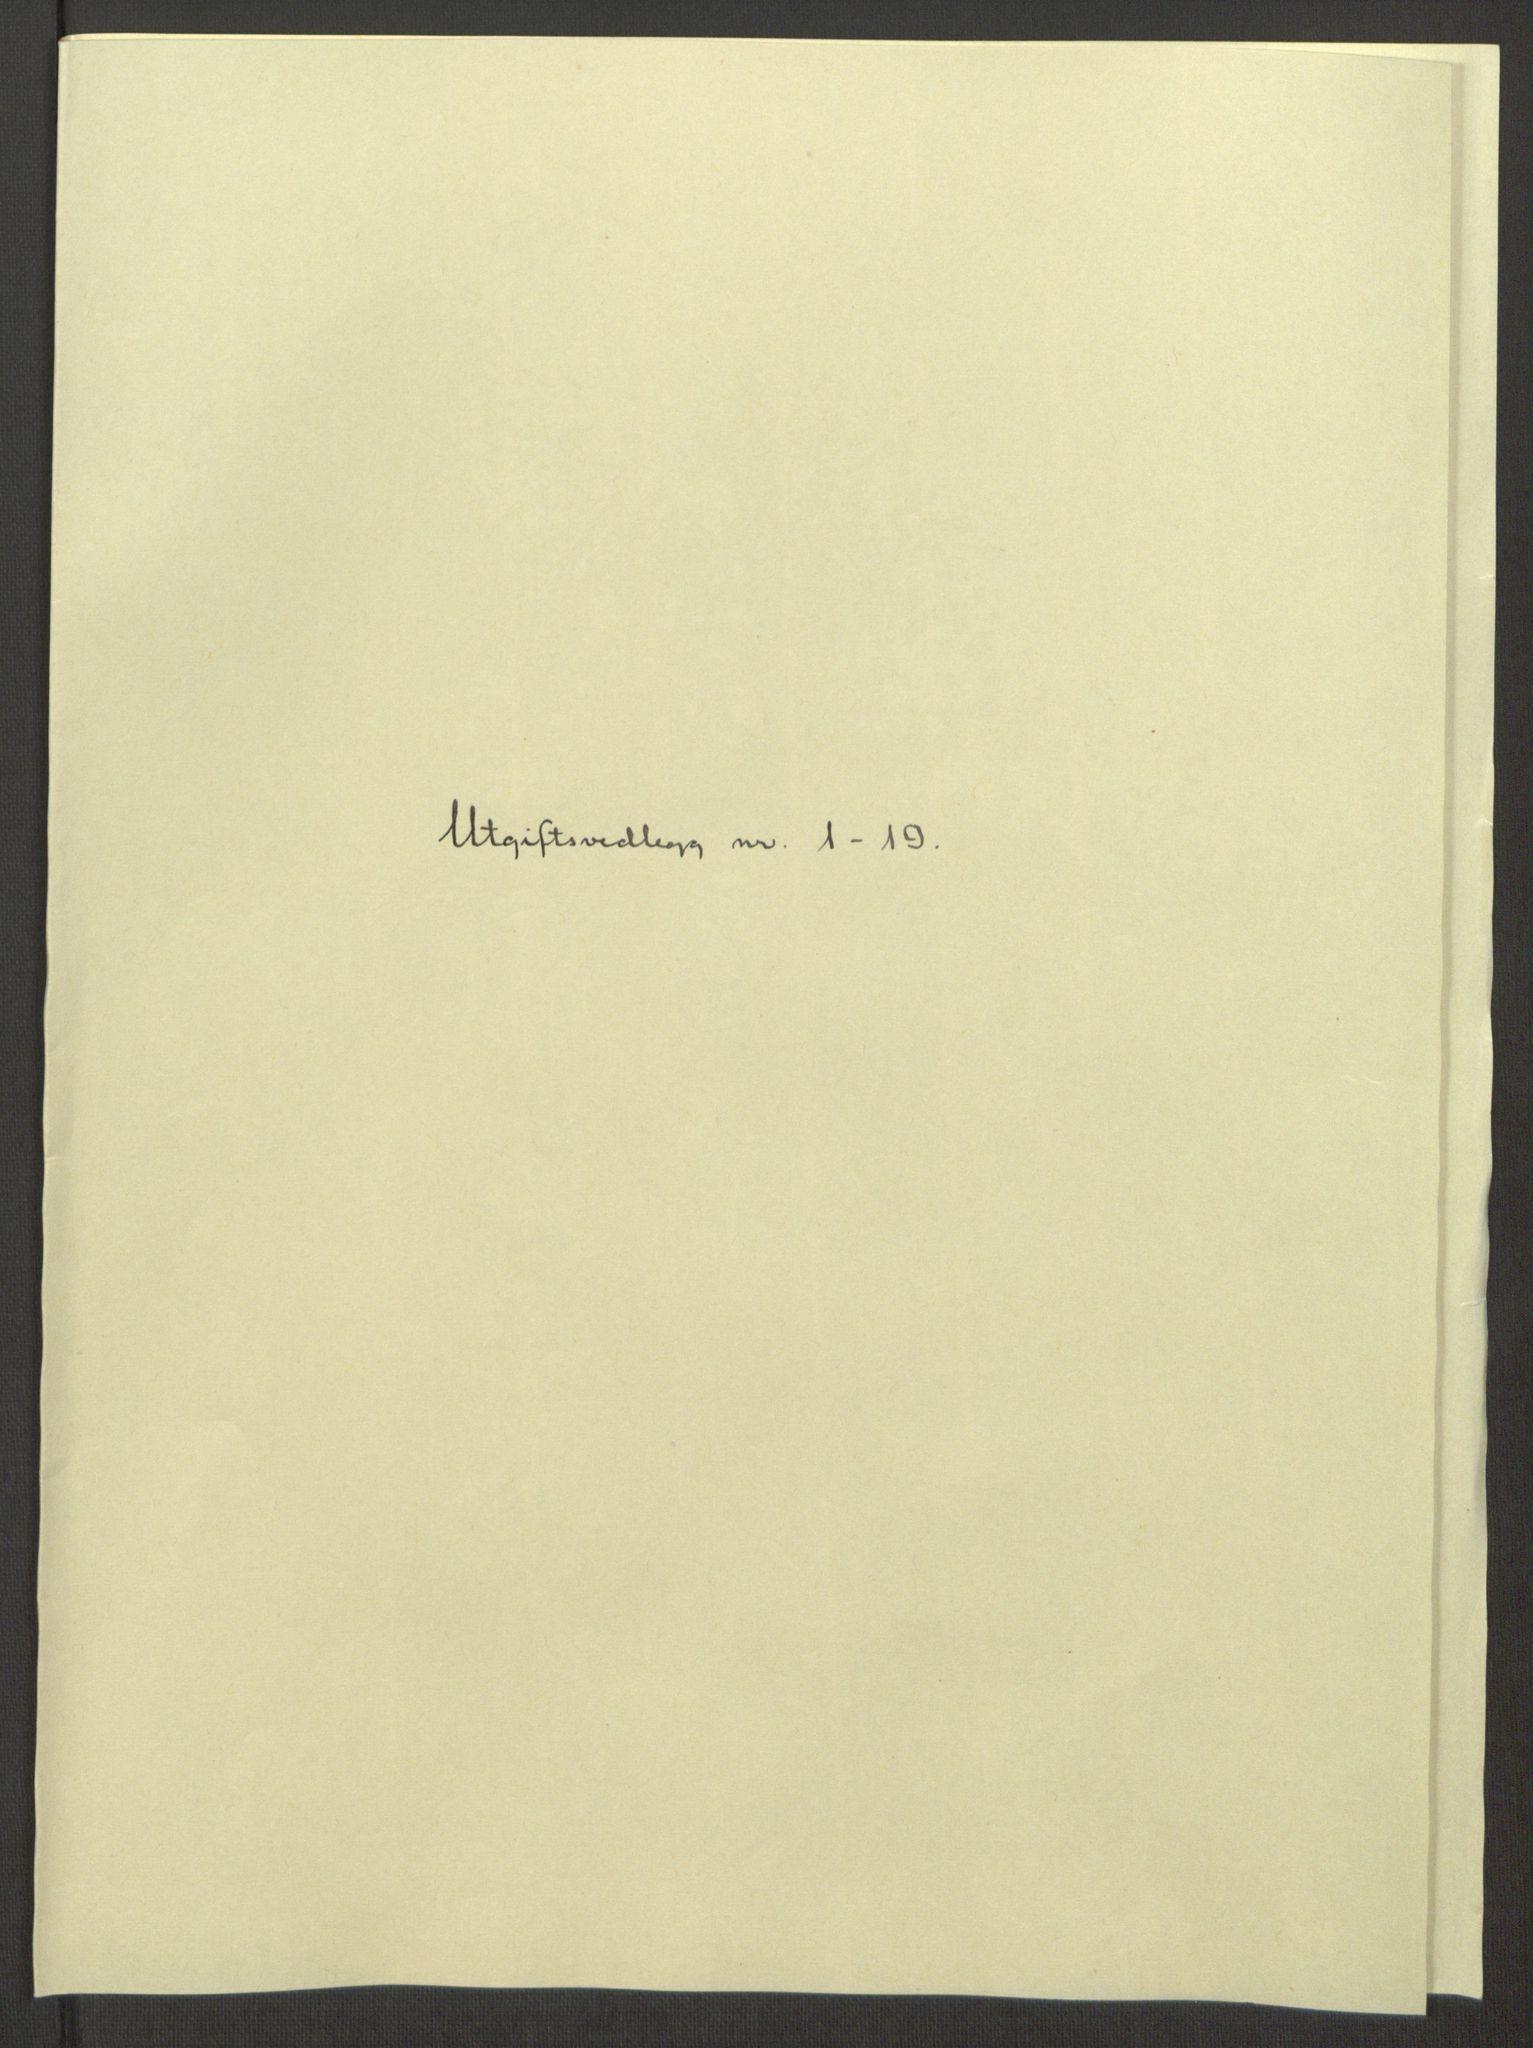 RA, Rentekammeret inntil 1814, Reviderte regnskaper, Fogderegnskap, R64/L4423: Fogderegnskap Namdal, 1690-1691, s. 329